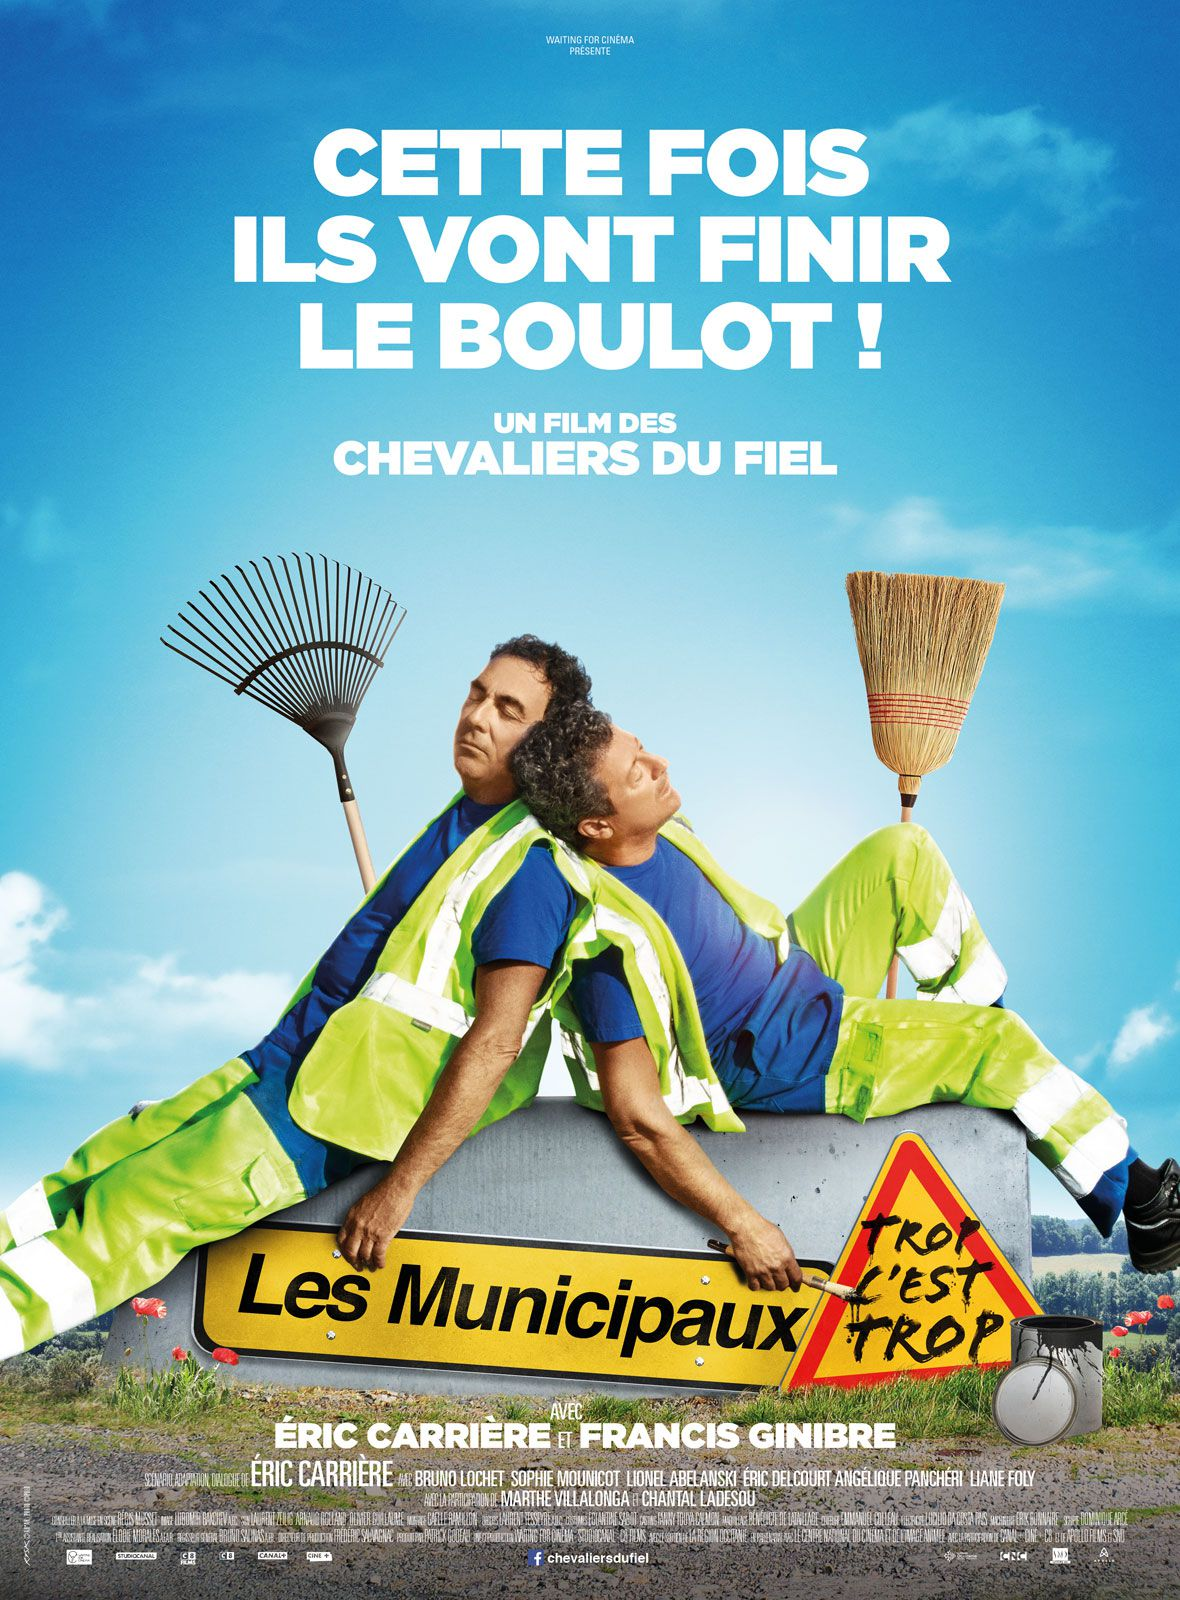 Les Municipaux, trop c'est trop ! - Film (2019)